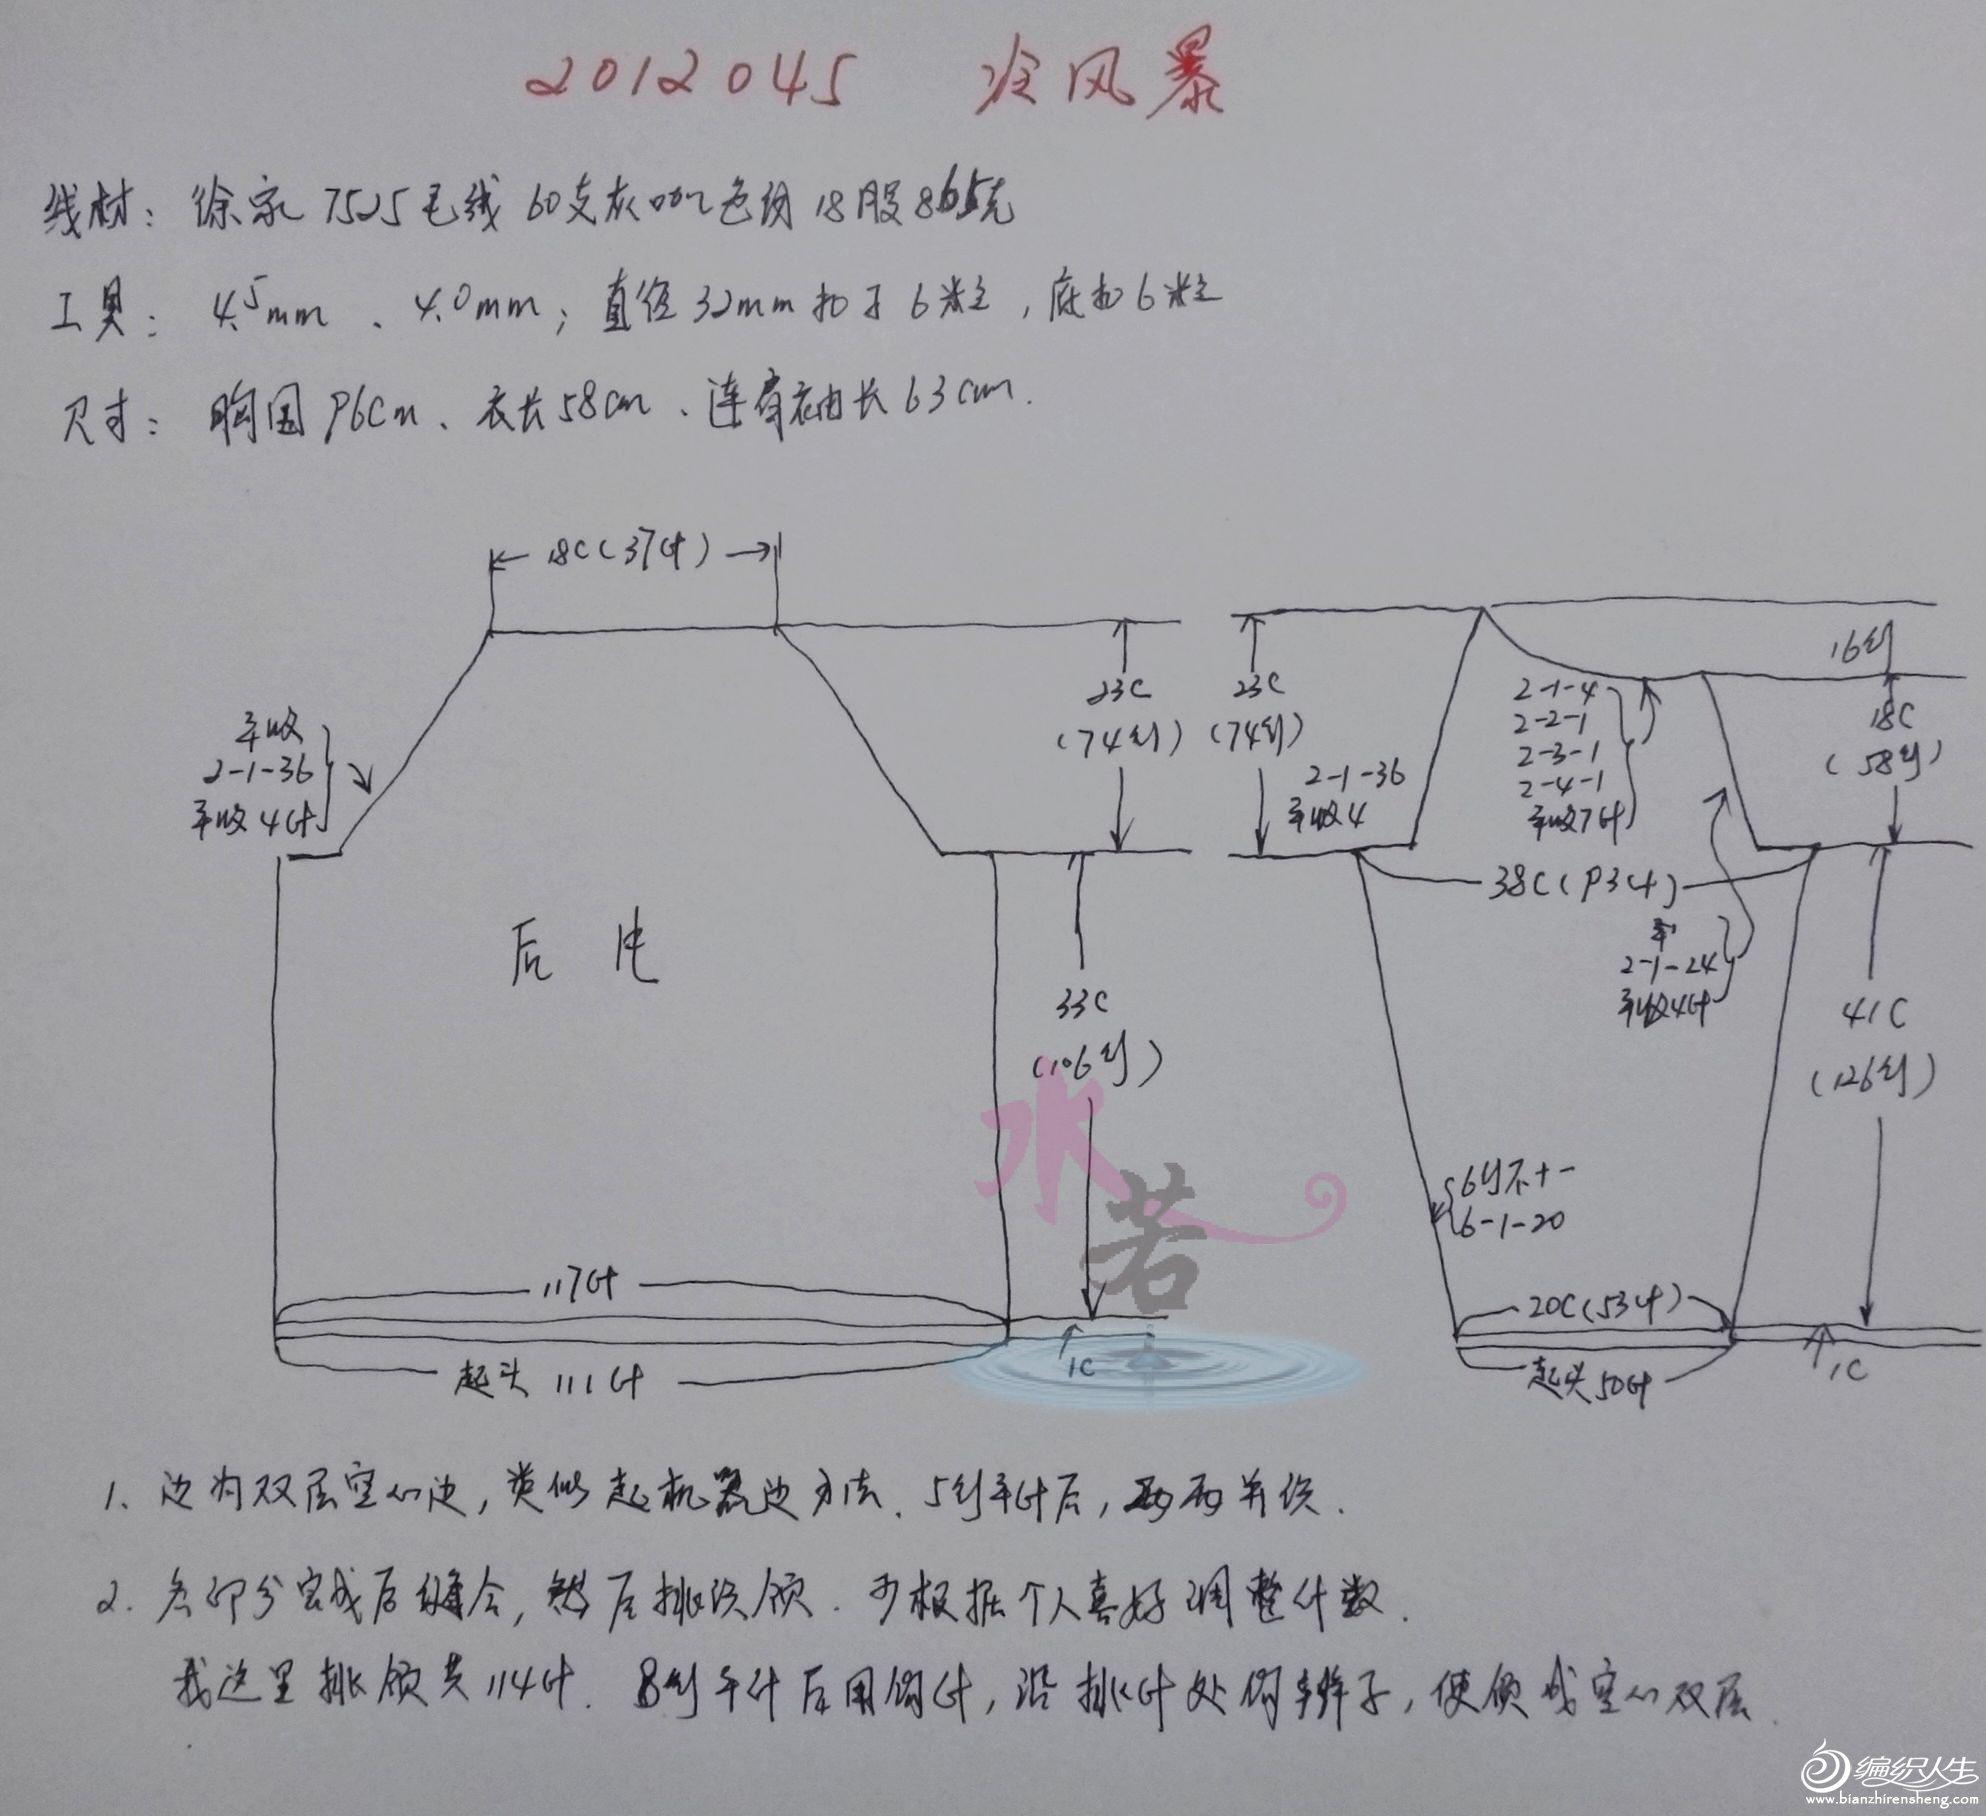 冷风暴工艺图解.JPG